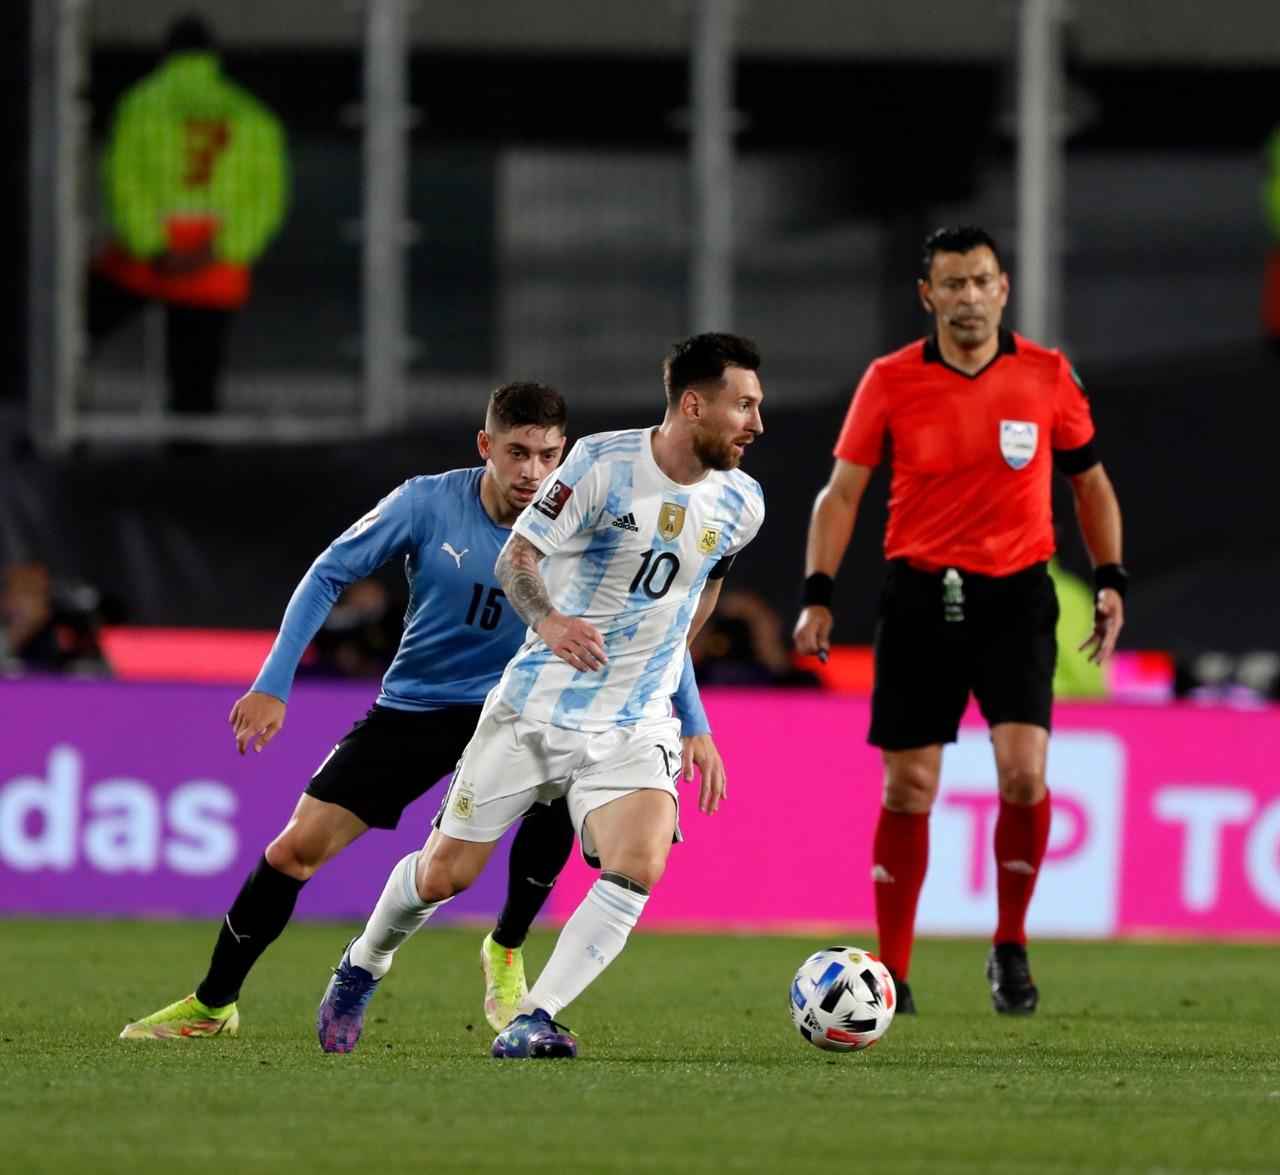 Đội tuyển Argentina gặp Peru vào 06:30 ngày 15/10 theo giờ VN